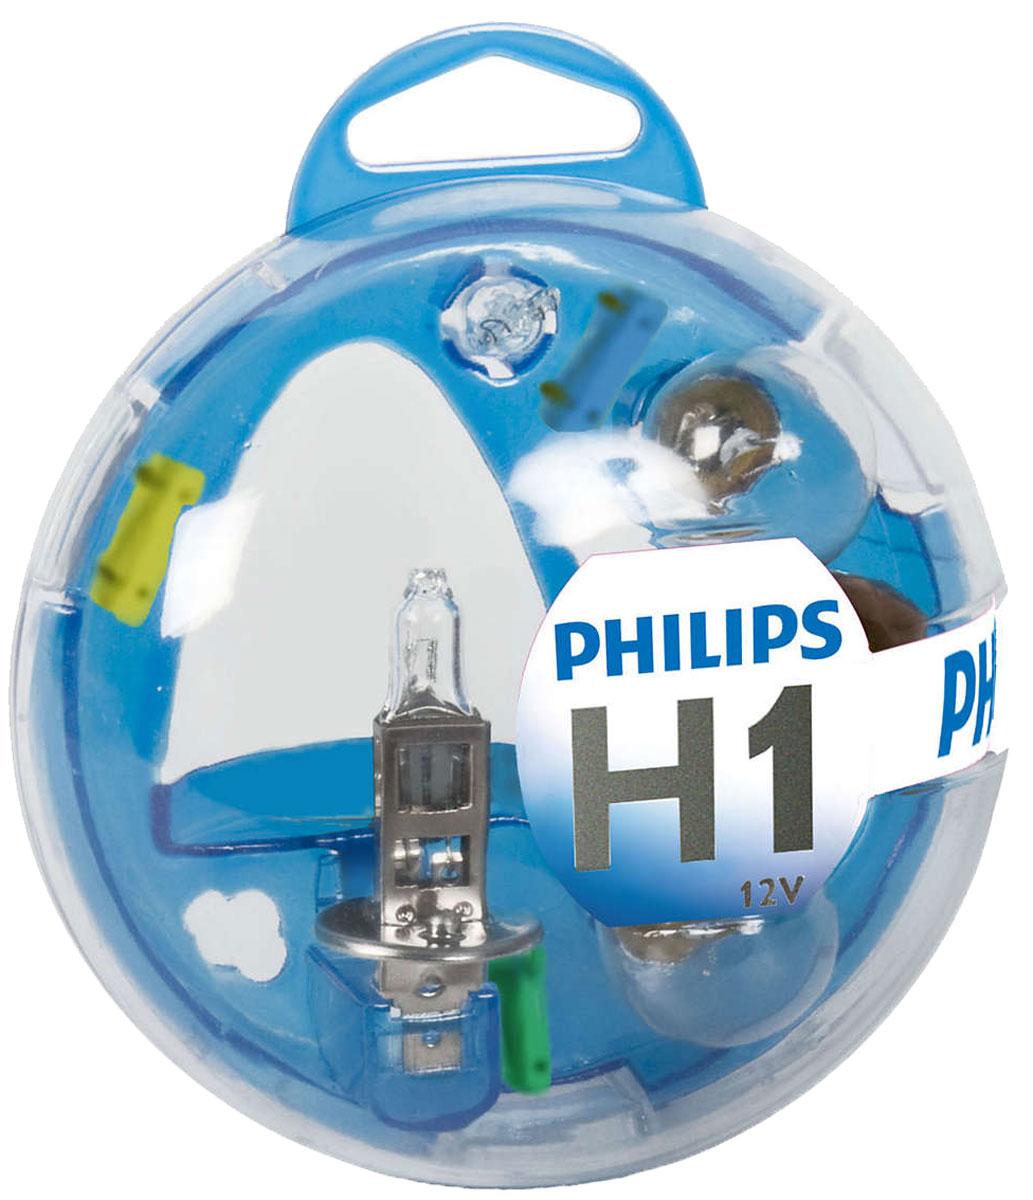 Комплект ламп Philips H1 Vision: H1, P21W, P21/5W, PY21W, W5W, Fuse10A, Fuse 15A, Fuse 20A. 55717EBKM10503В комплект Essential Box входят лампы H1 для автомобильных фар, обеспечивающие на 30 % больше света. Наши лампы излучают мощный точно направленный луч света и характеризуются высокой светоотдачей, увеличивая видимость Вашего автомобиля на дороге.